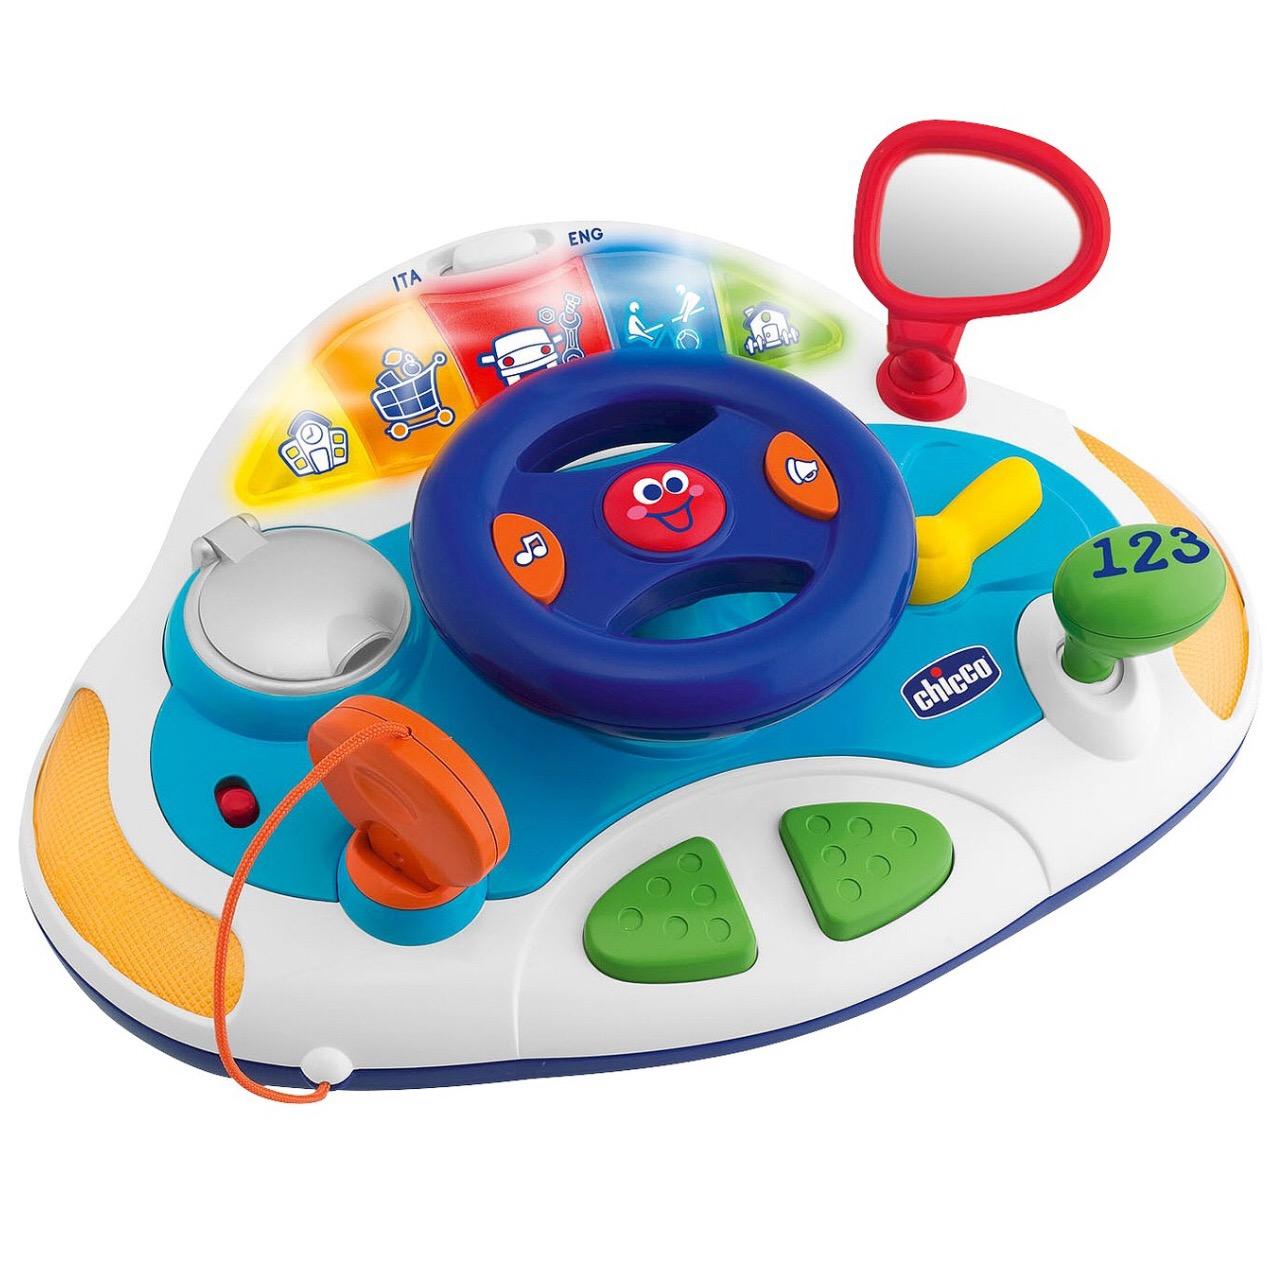 اسباب بازی آموزشی چیکو مدل baby driver